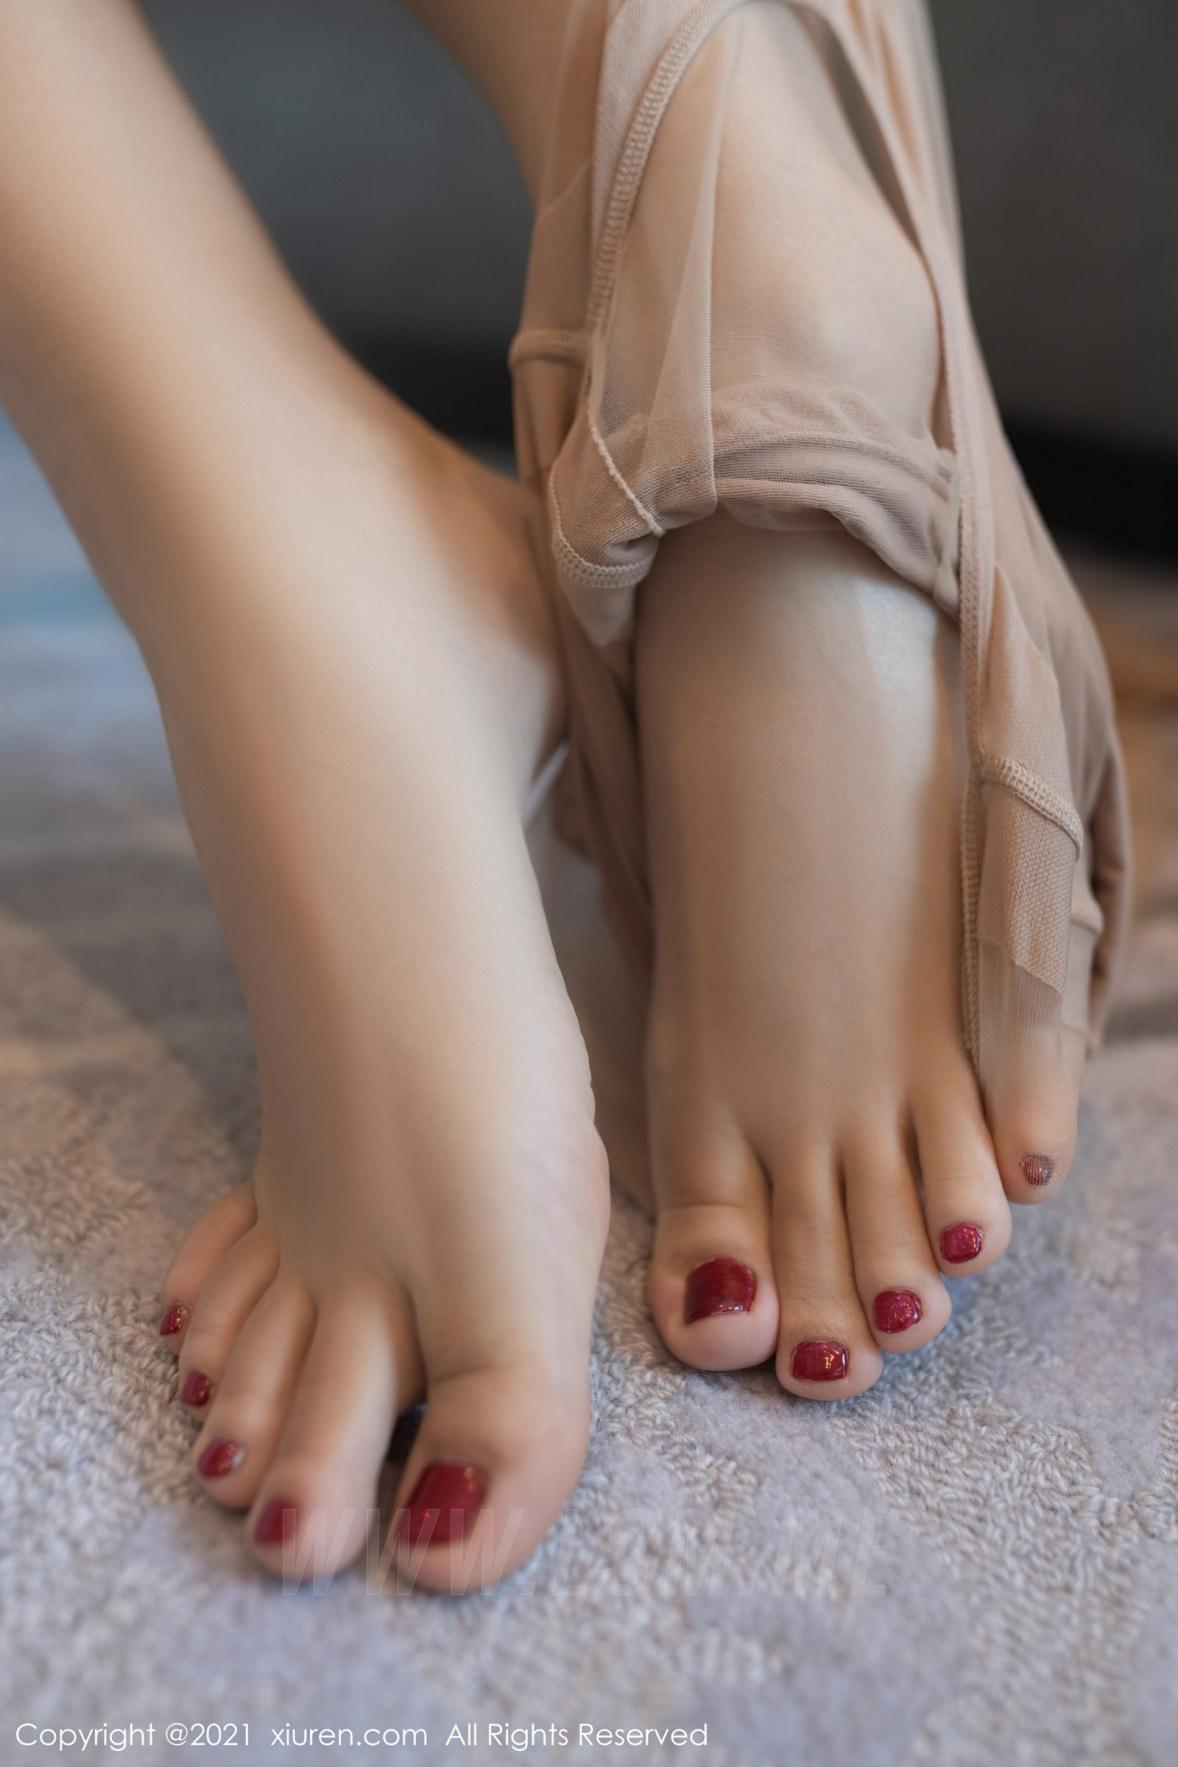 3780 049 2ey 3600 5400 - XiuRen 秀人 No.3780 裸色裙主题系列 唐安琪 澳门旅拍写真22 - 秀人网 -【免费在线写真】【丽人丝语】